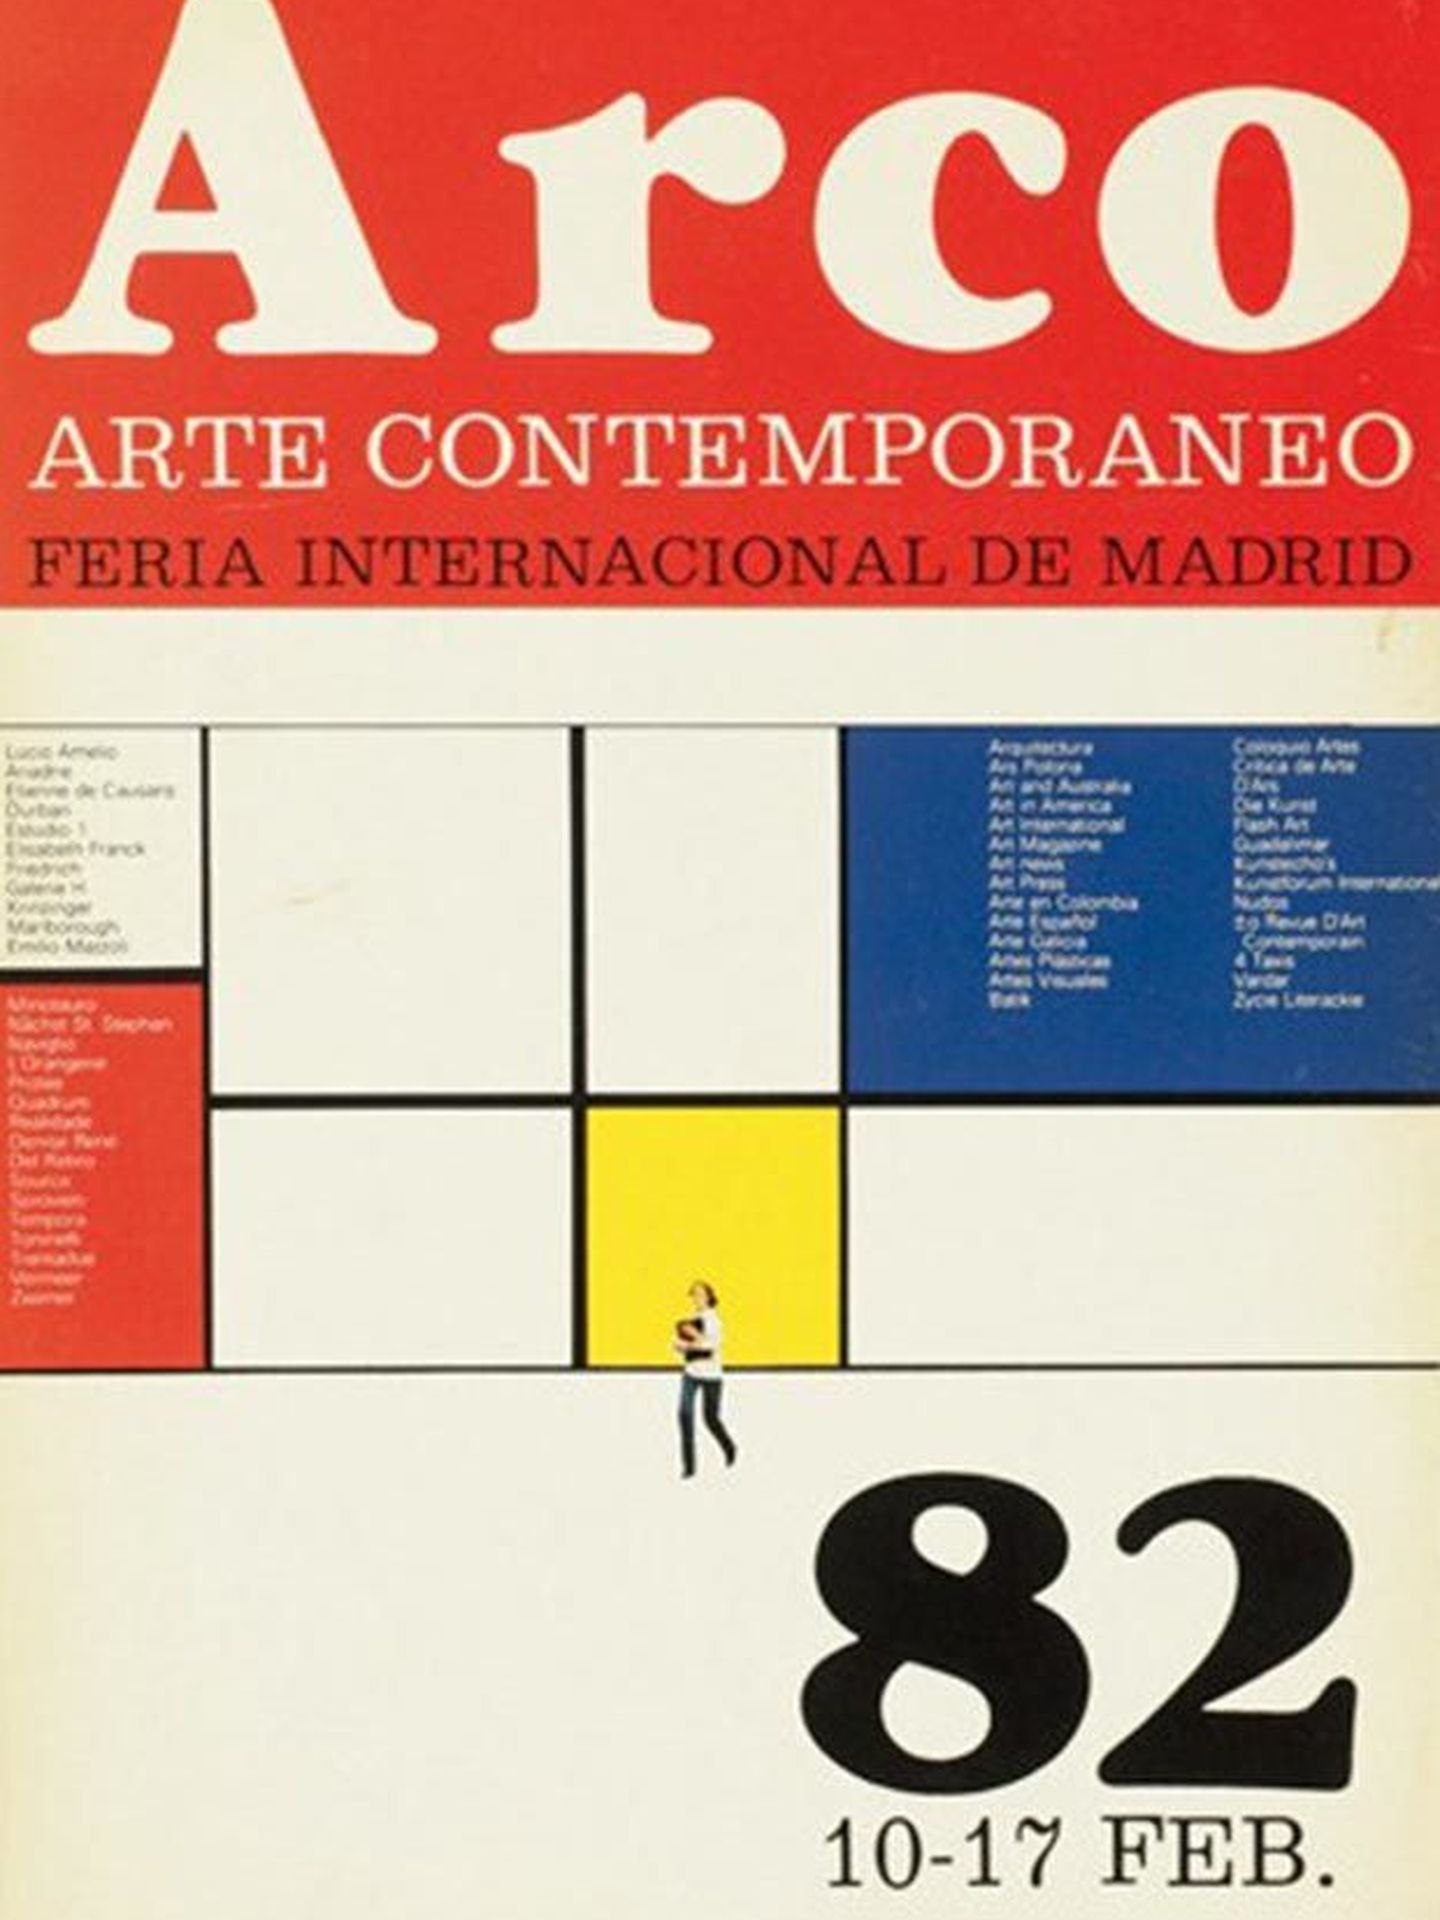 Cartel de la primera edición de ARCO.